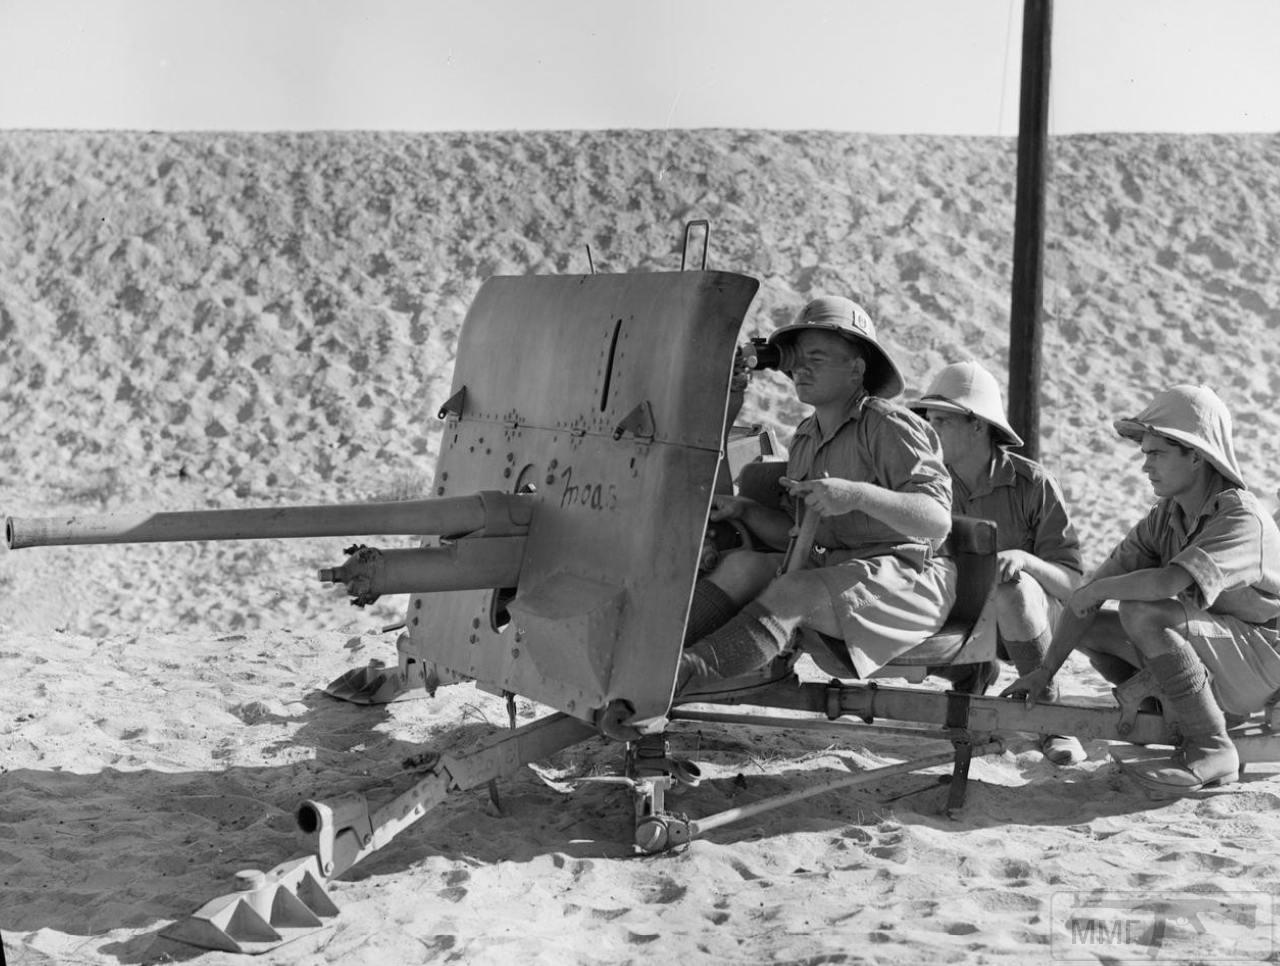 77466 - Военное фото 1939-1945 г.г. Западный фронт и Африка.